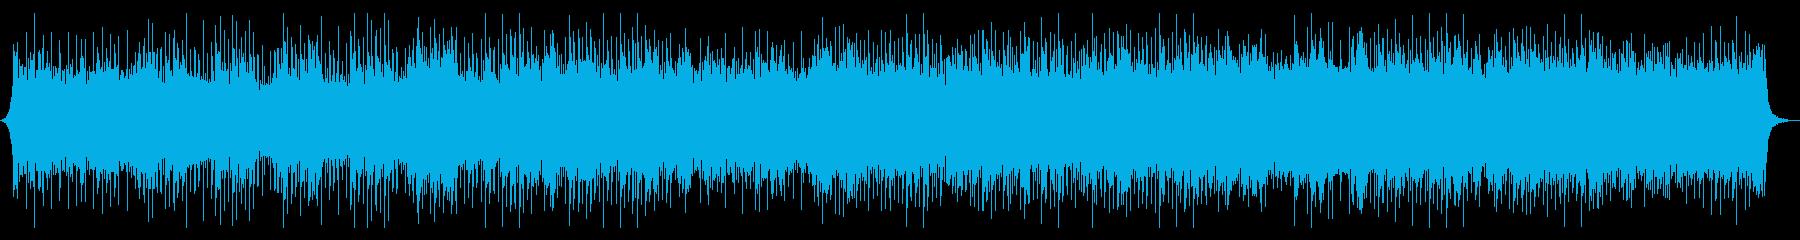 高揚感・成功・豪華な雰囲気のピアノBGMの再生済みの波形